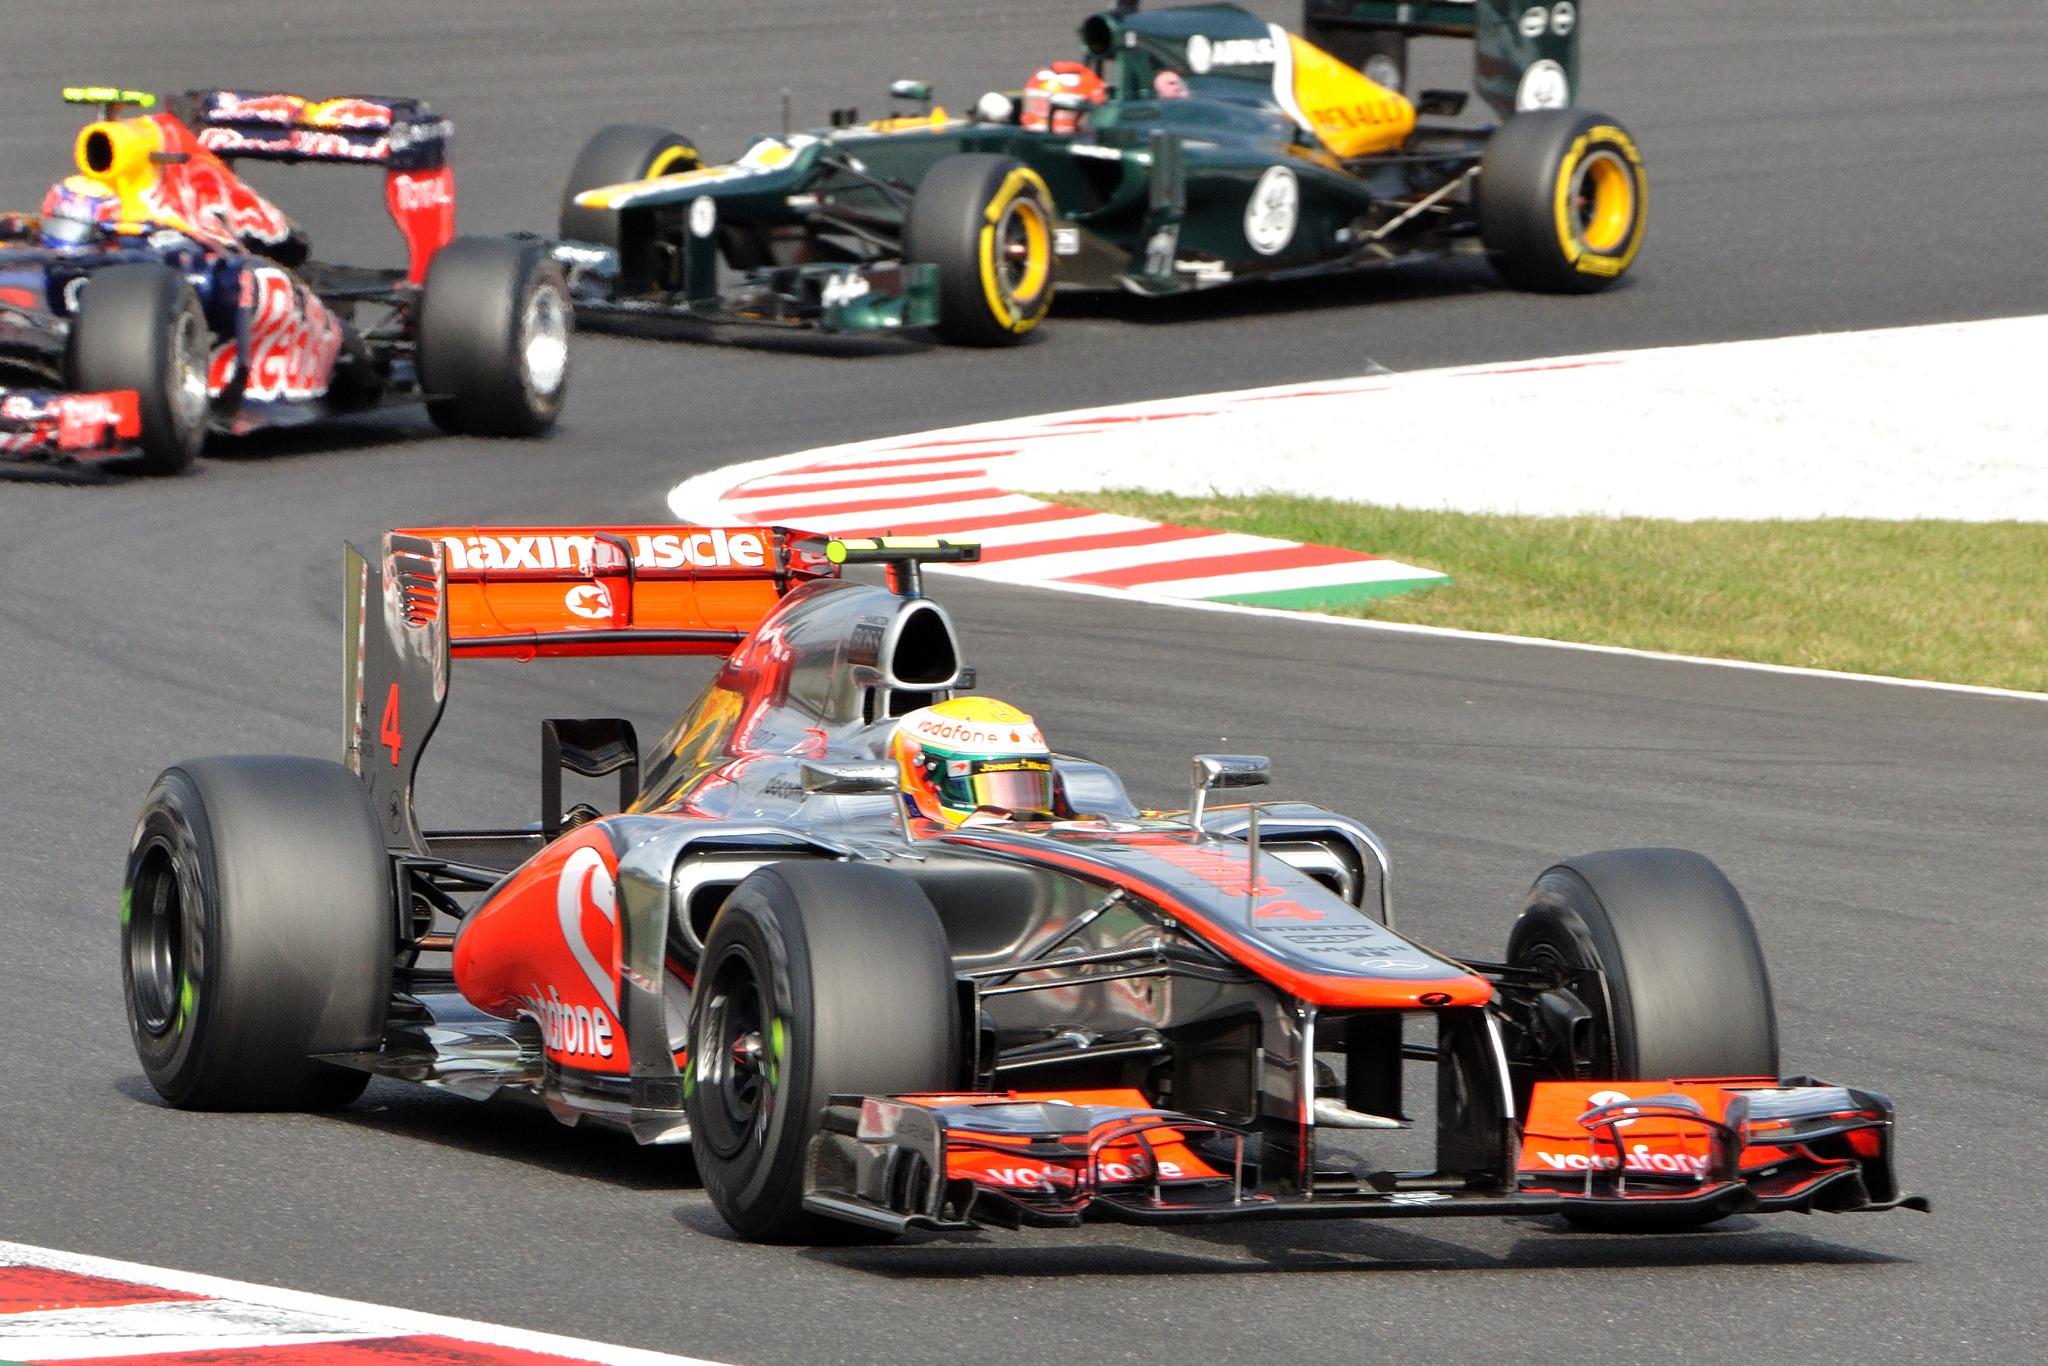 Гран-при Сингапура 2019. Формула 1 в 2019 году